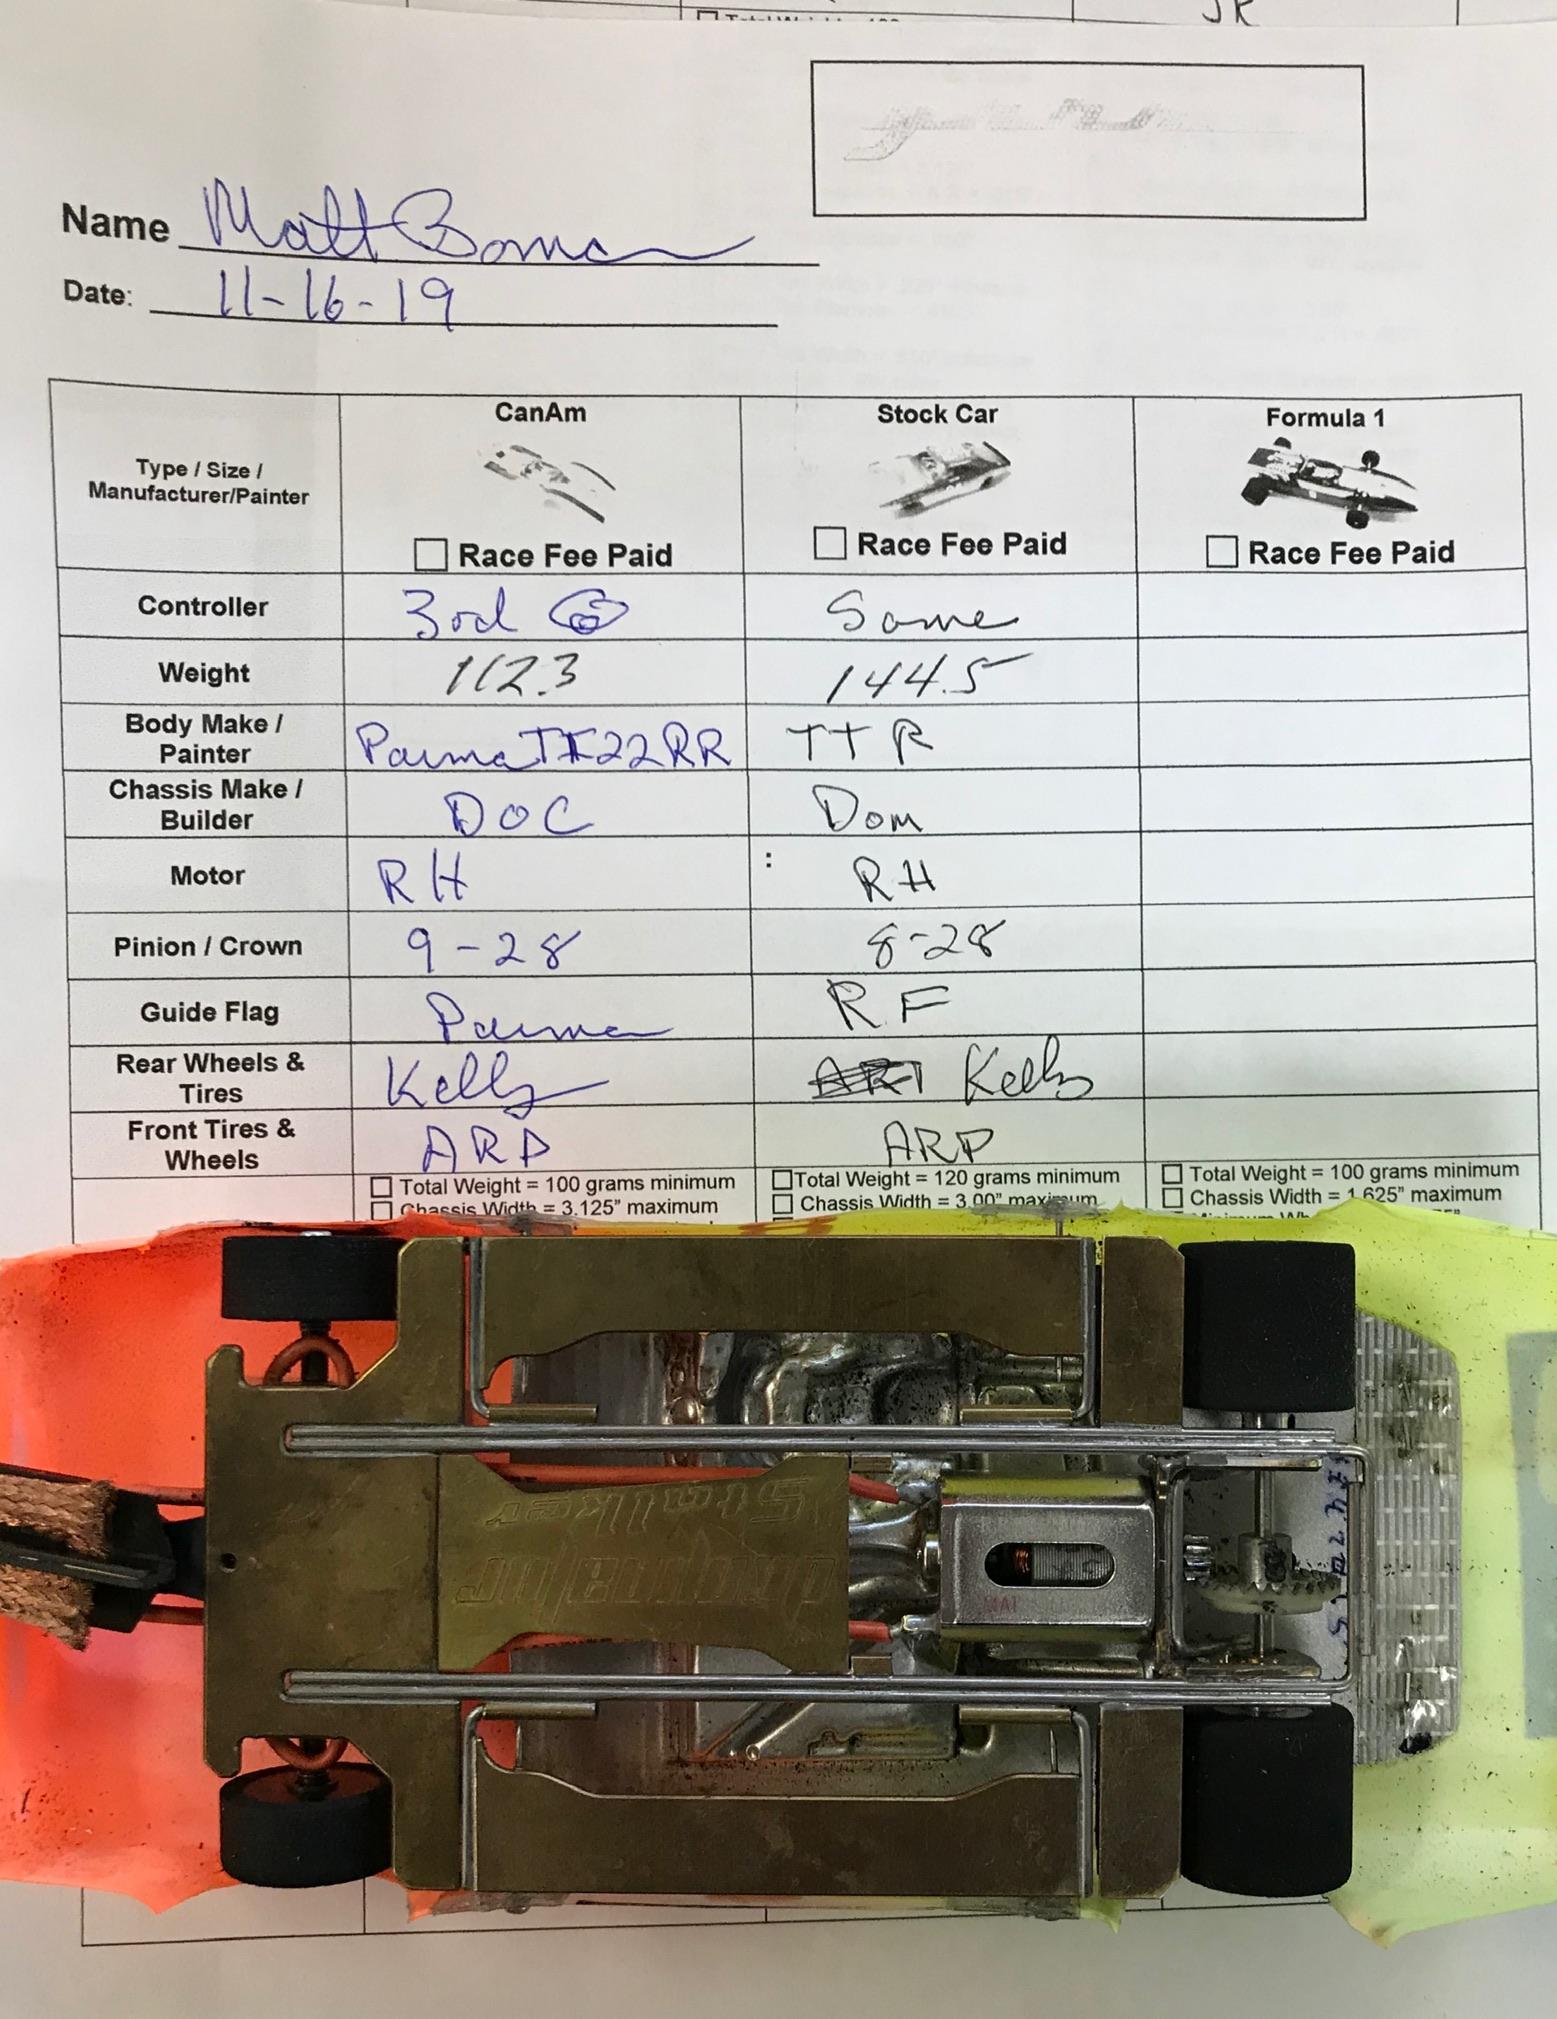 EFEF87F8-2E83-43E2-8BB2-B6F0F8AF00A0.jpeg